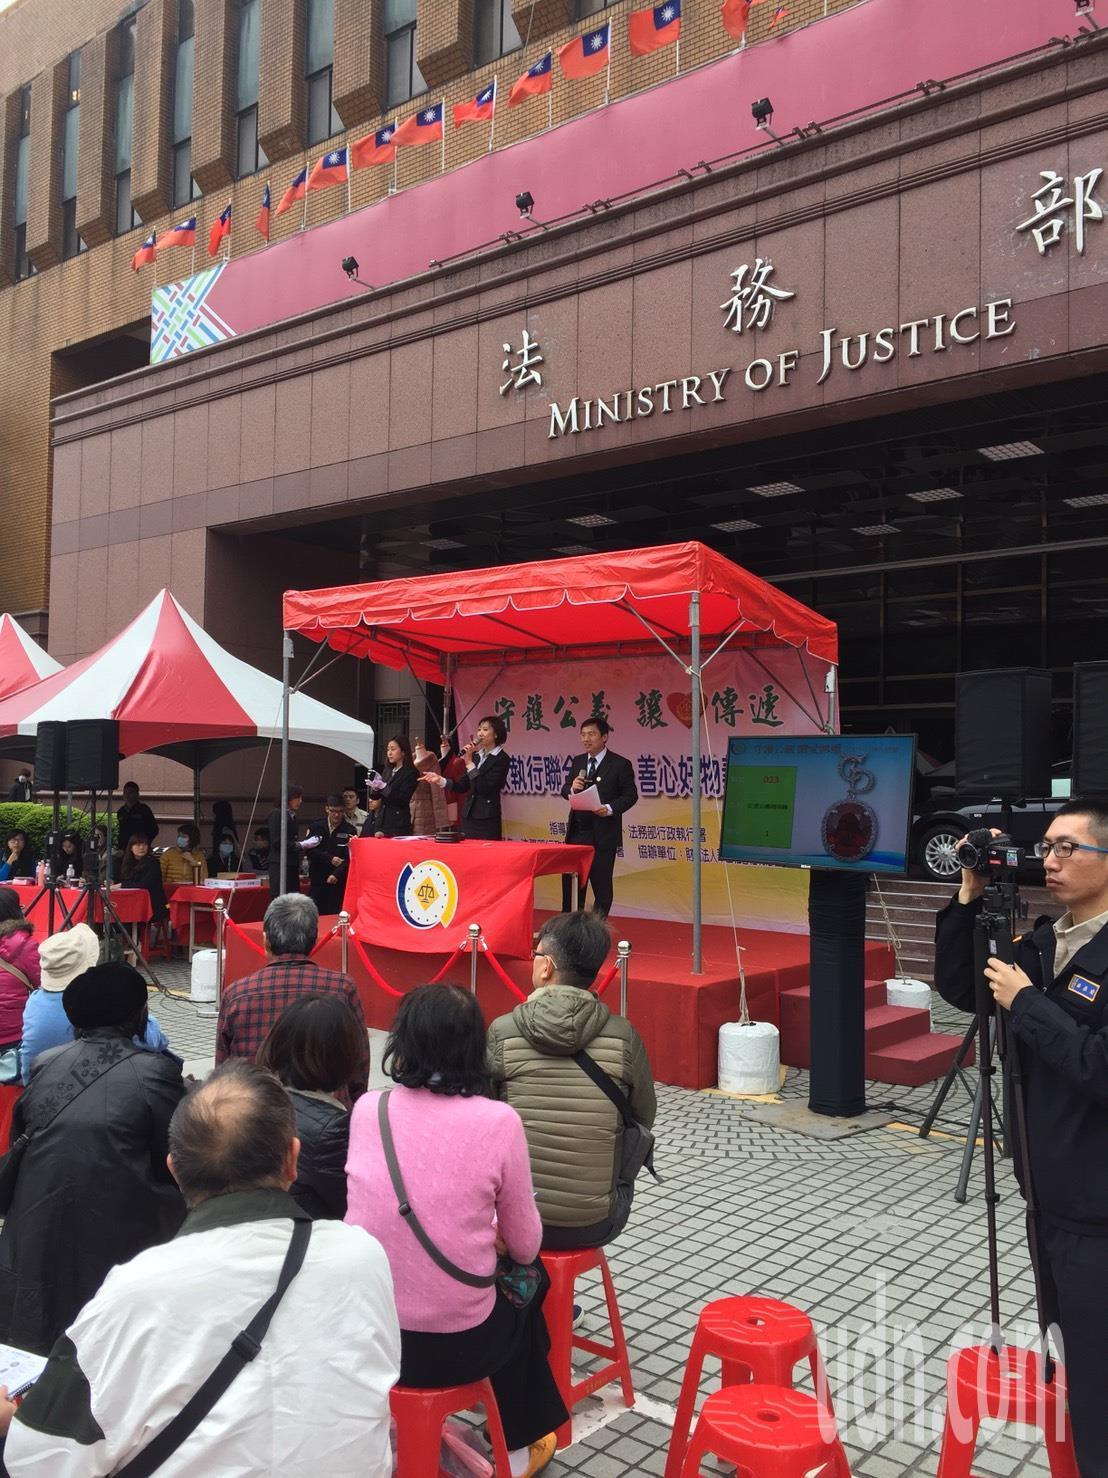 行政執行署台北分署今天在法務部前廣場舉辦聯合拍賣會。 ...